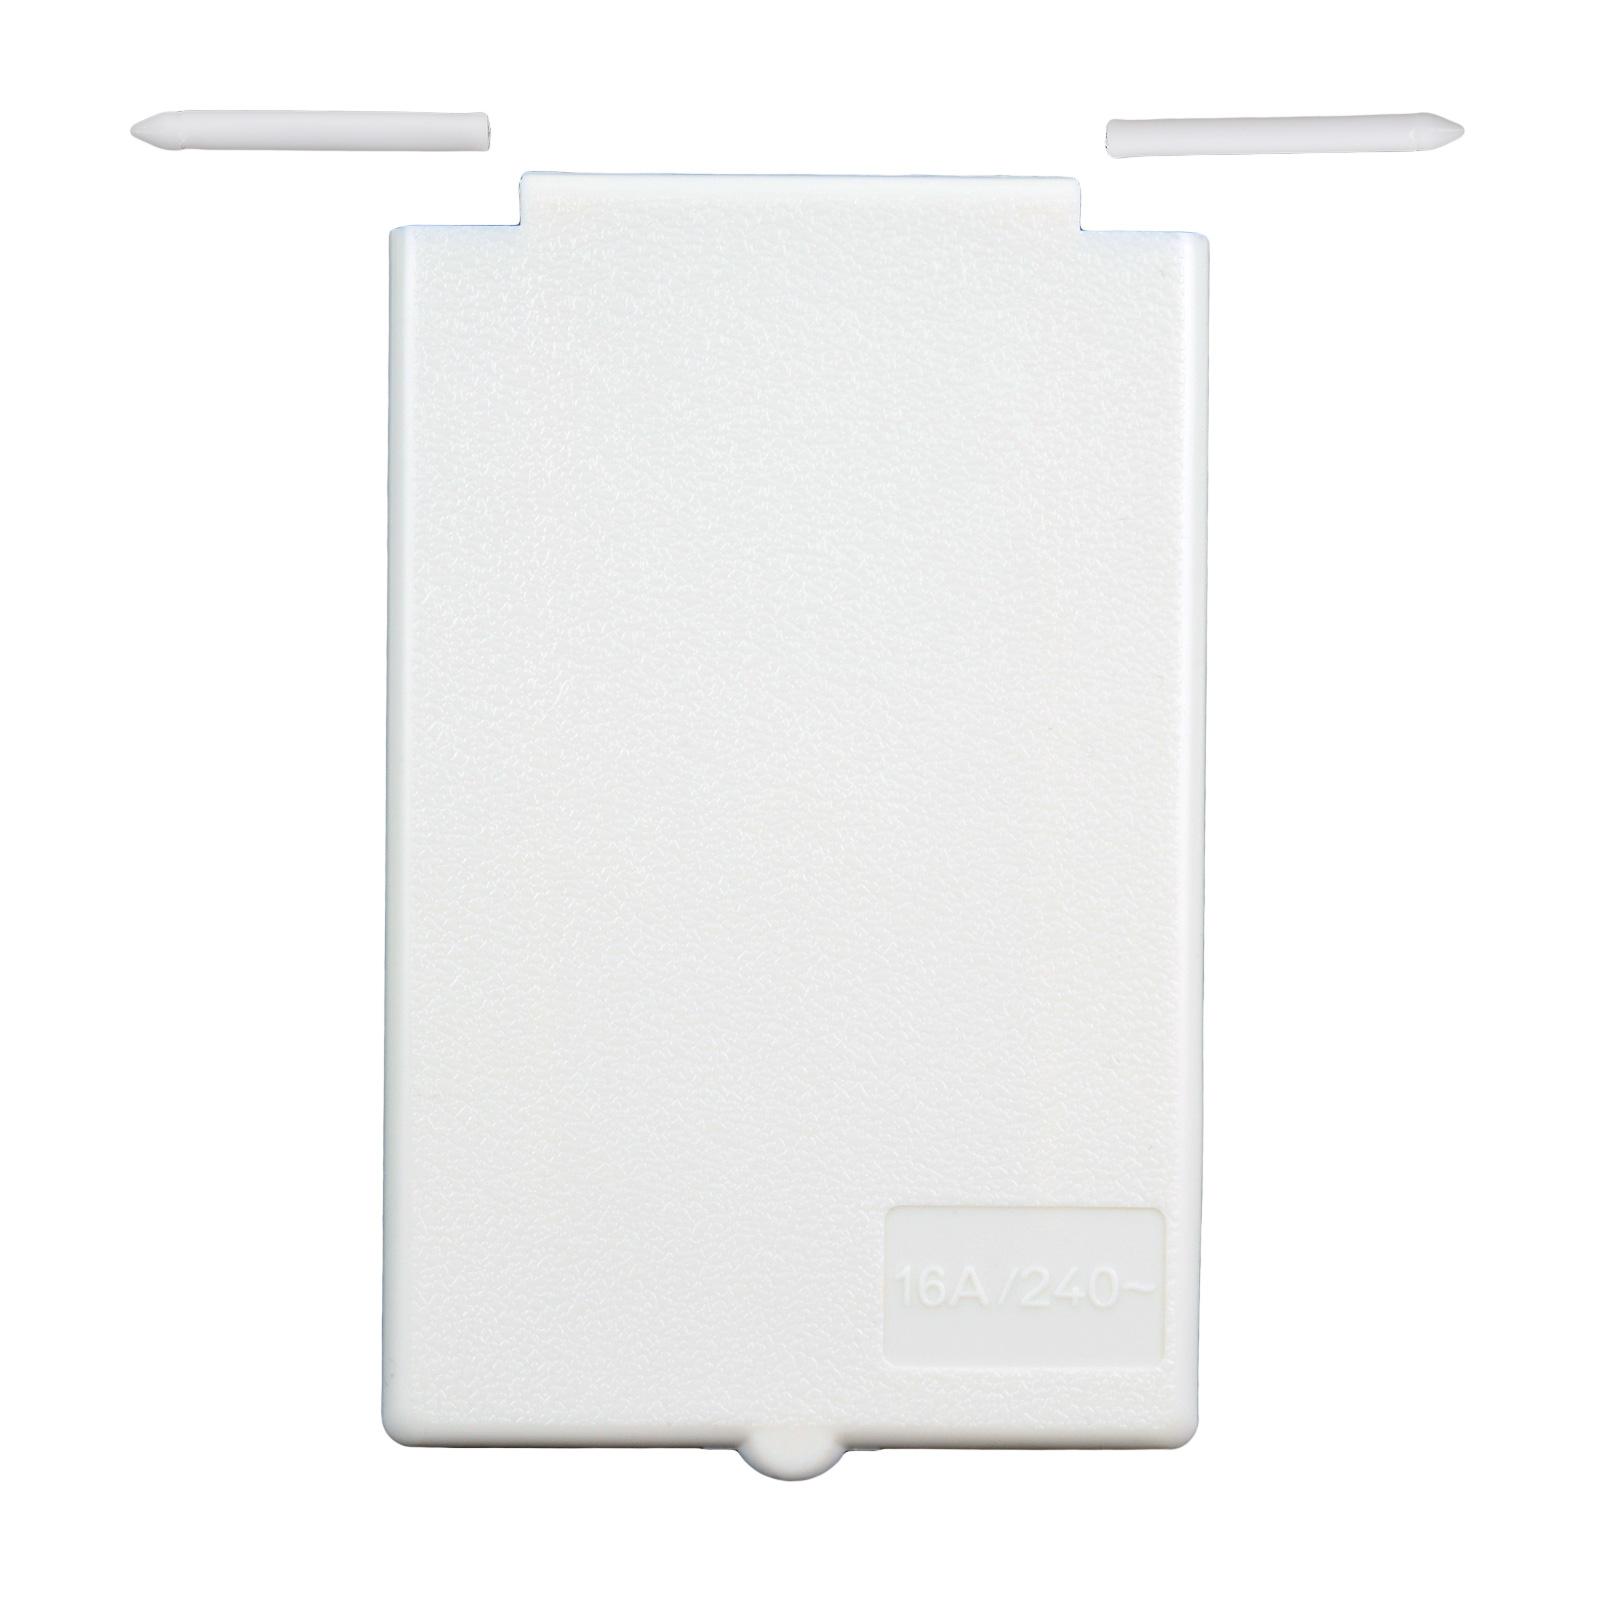 Deckel für CEE Aussensteckdosen   weiß   Spritzwasser geschützt   Ersatzdeckel